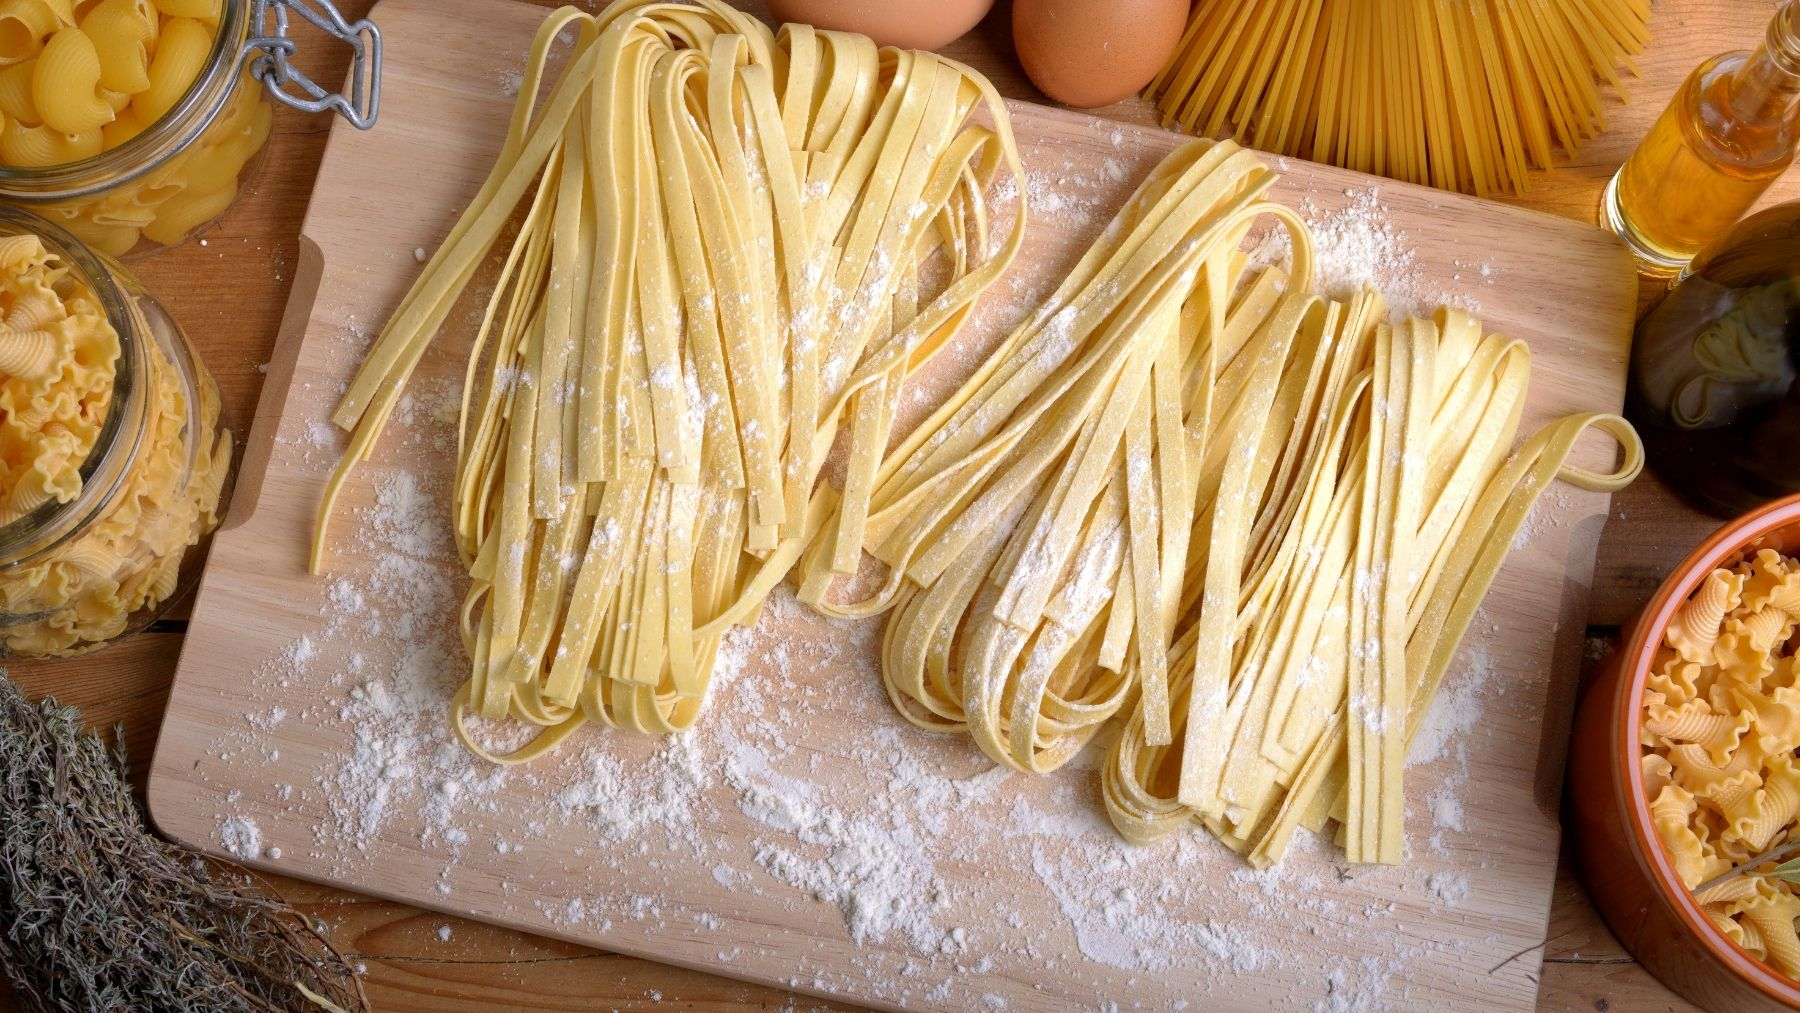 Receta de pasta sin gluten casera